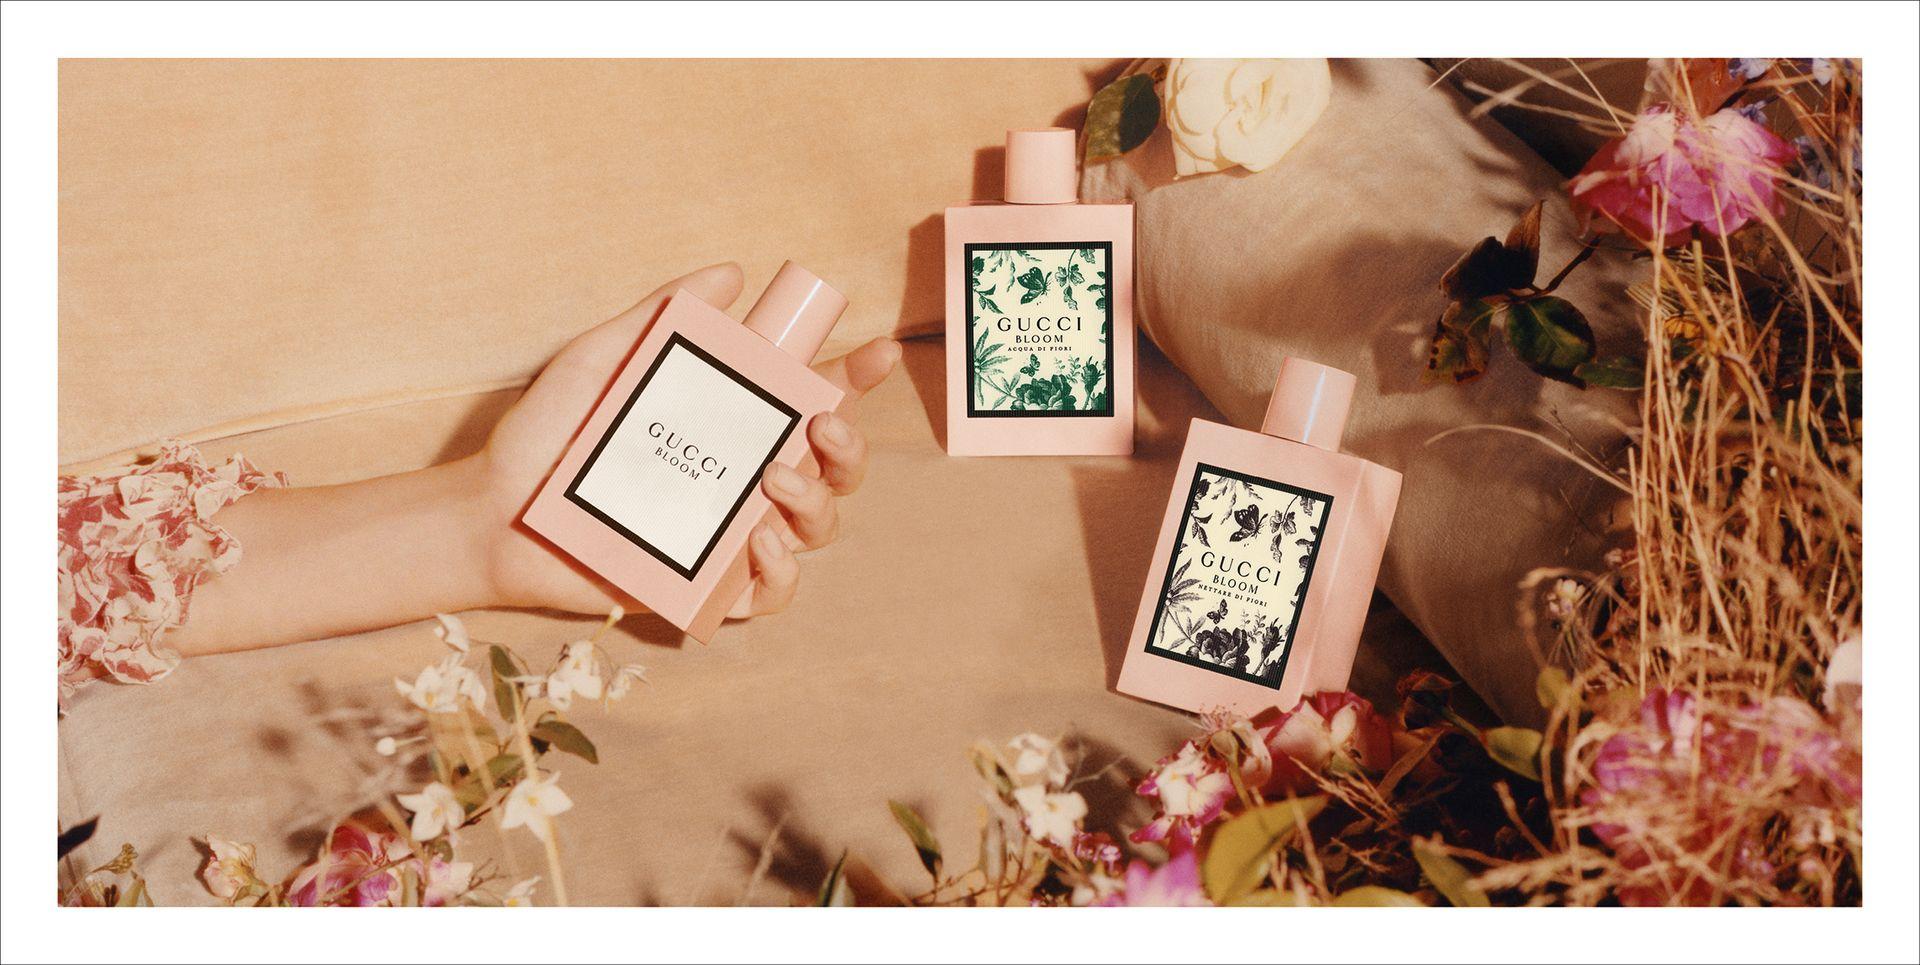 c1e8622bcb9 Gucci Bloom Nettare Di Fiori Eau de Parfum Spray